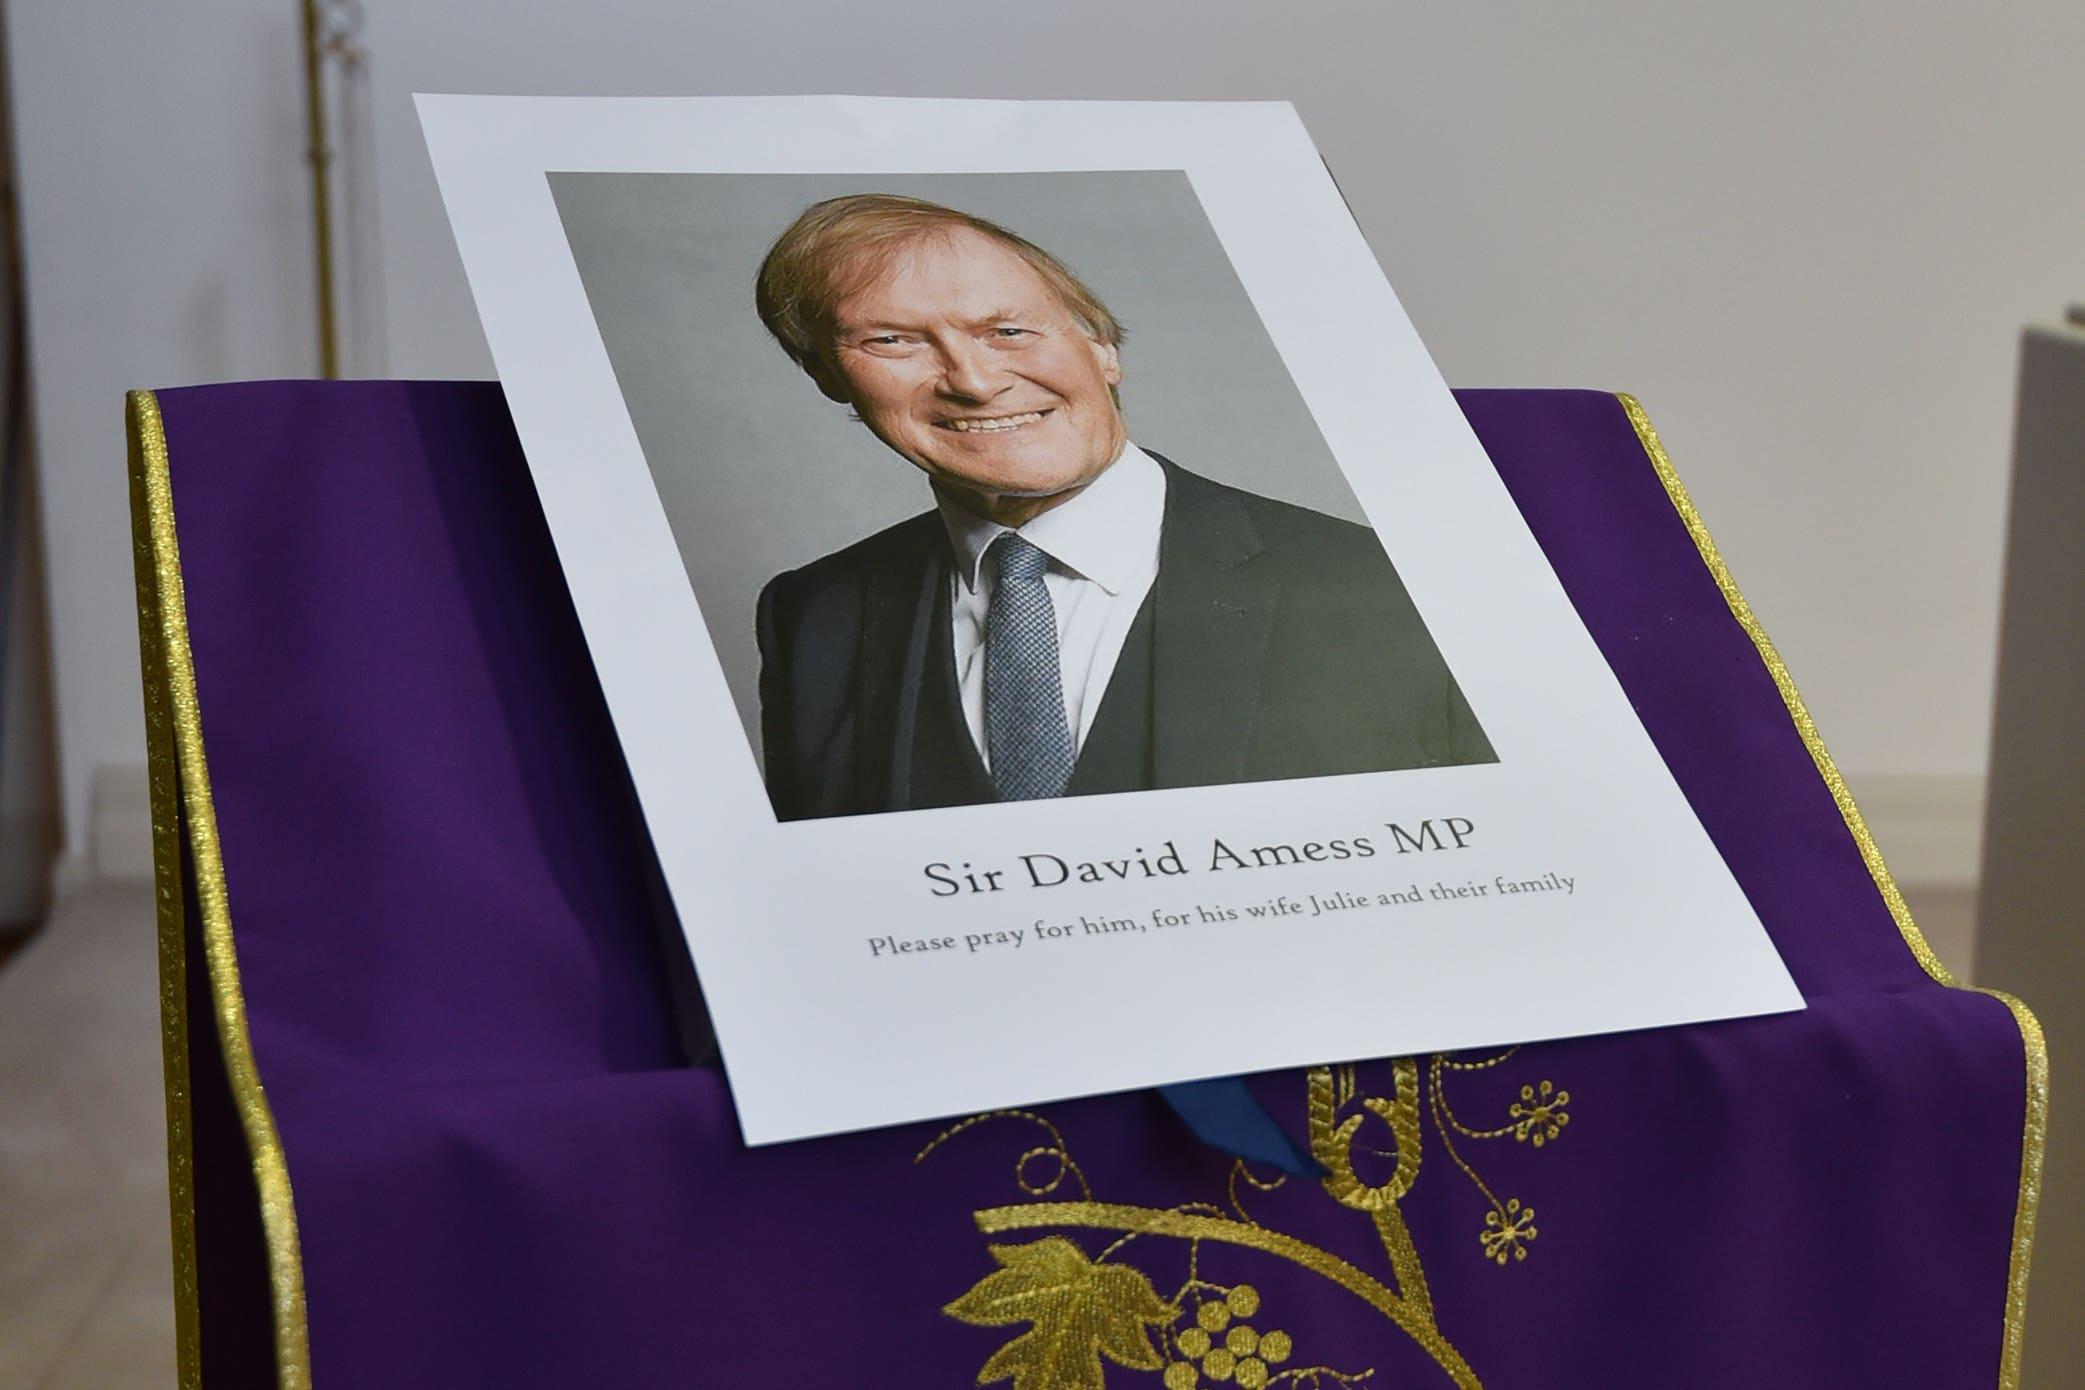 Estado de ciudad otorgado a Southend después de que el diputado David Amess apuñalara durante décadas de campaña